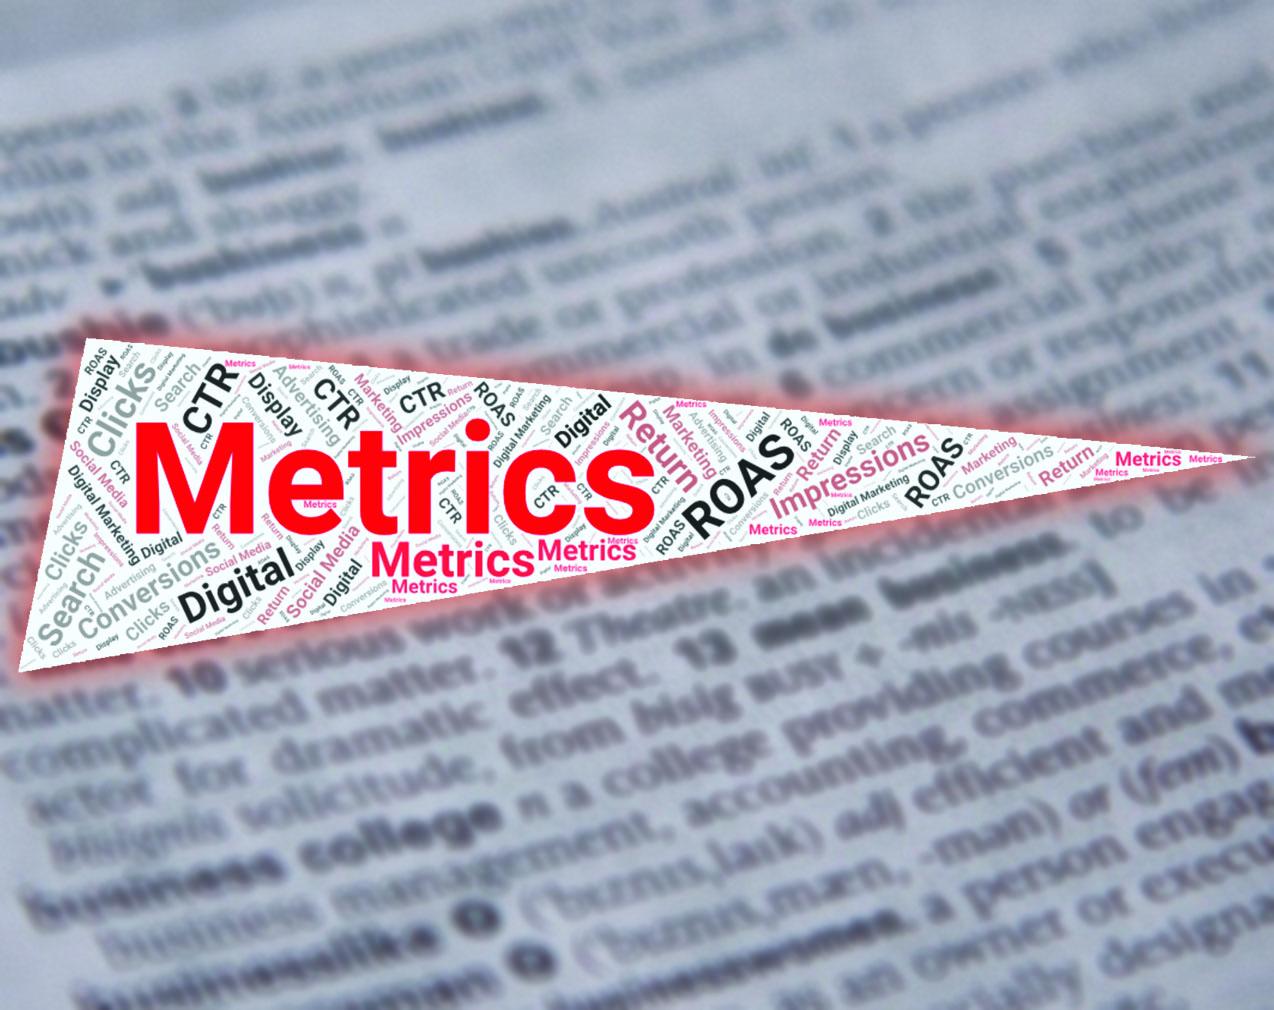 metricsthumbbkg.jpg